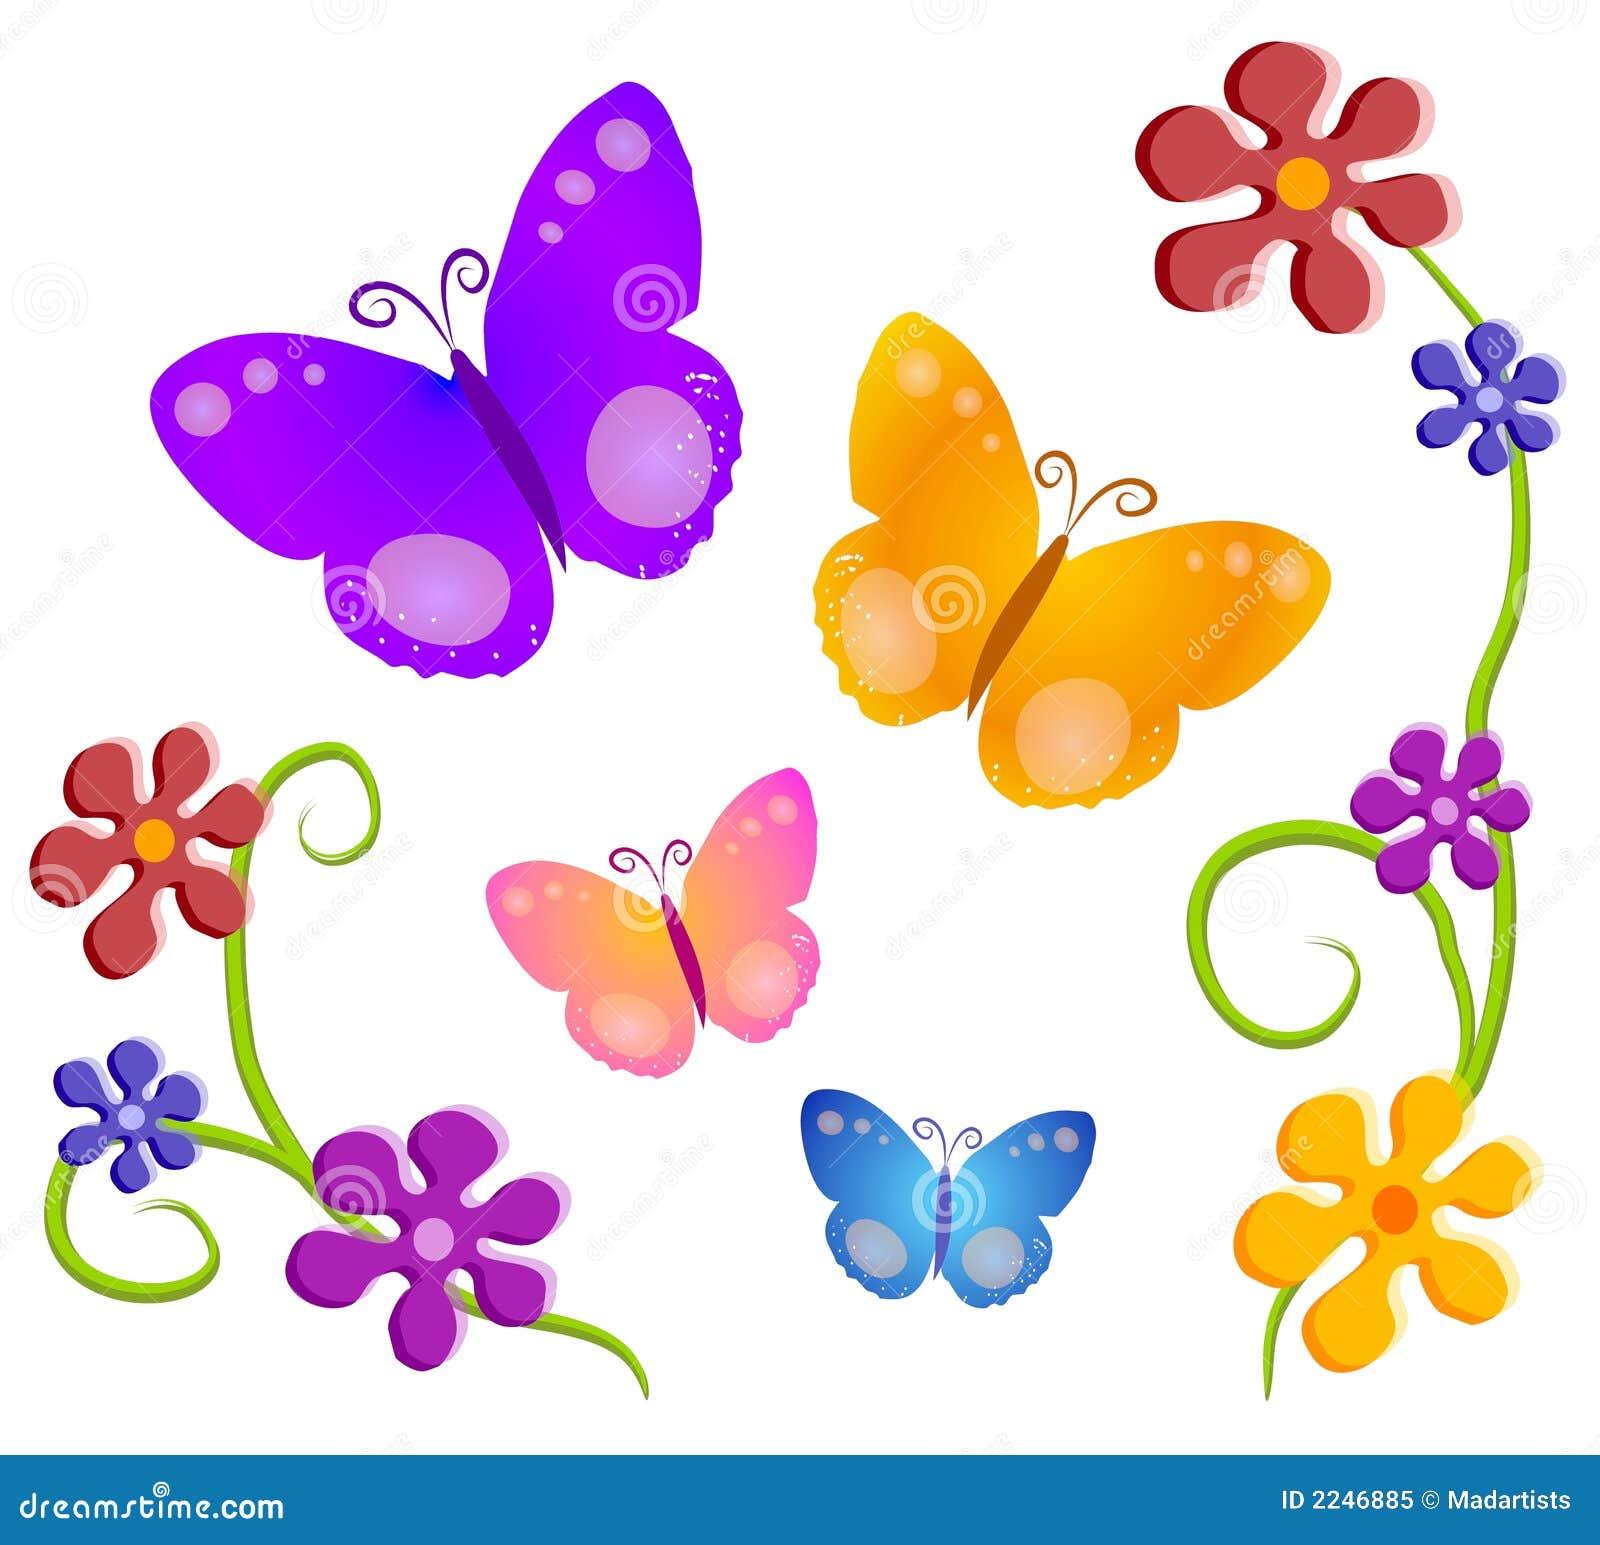 Butterflies Flowers Clip Art 1 Butterfly Flower Clipart